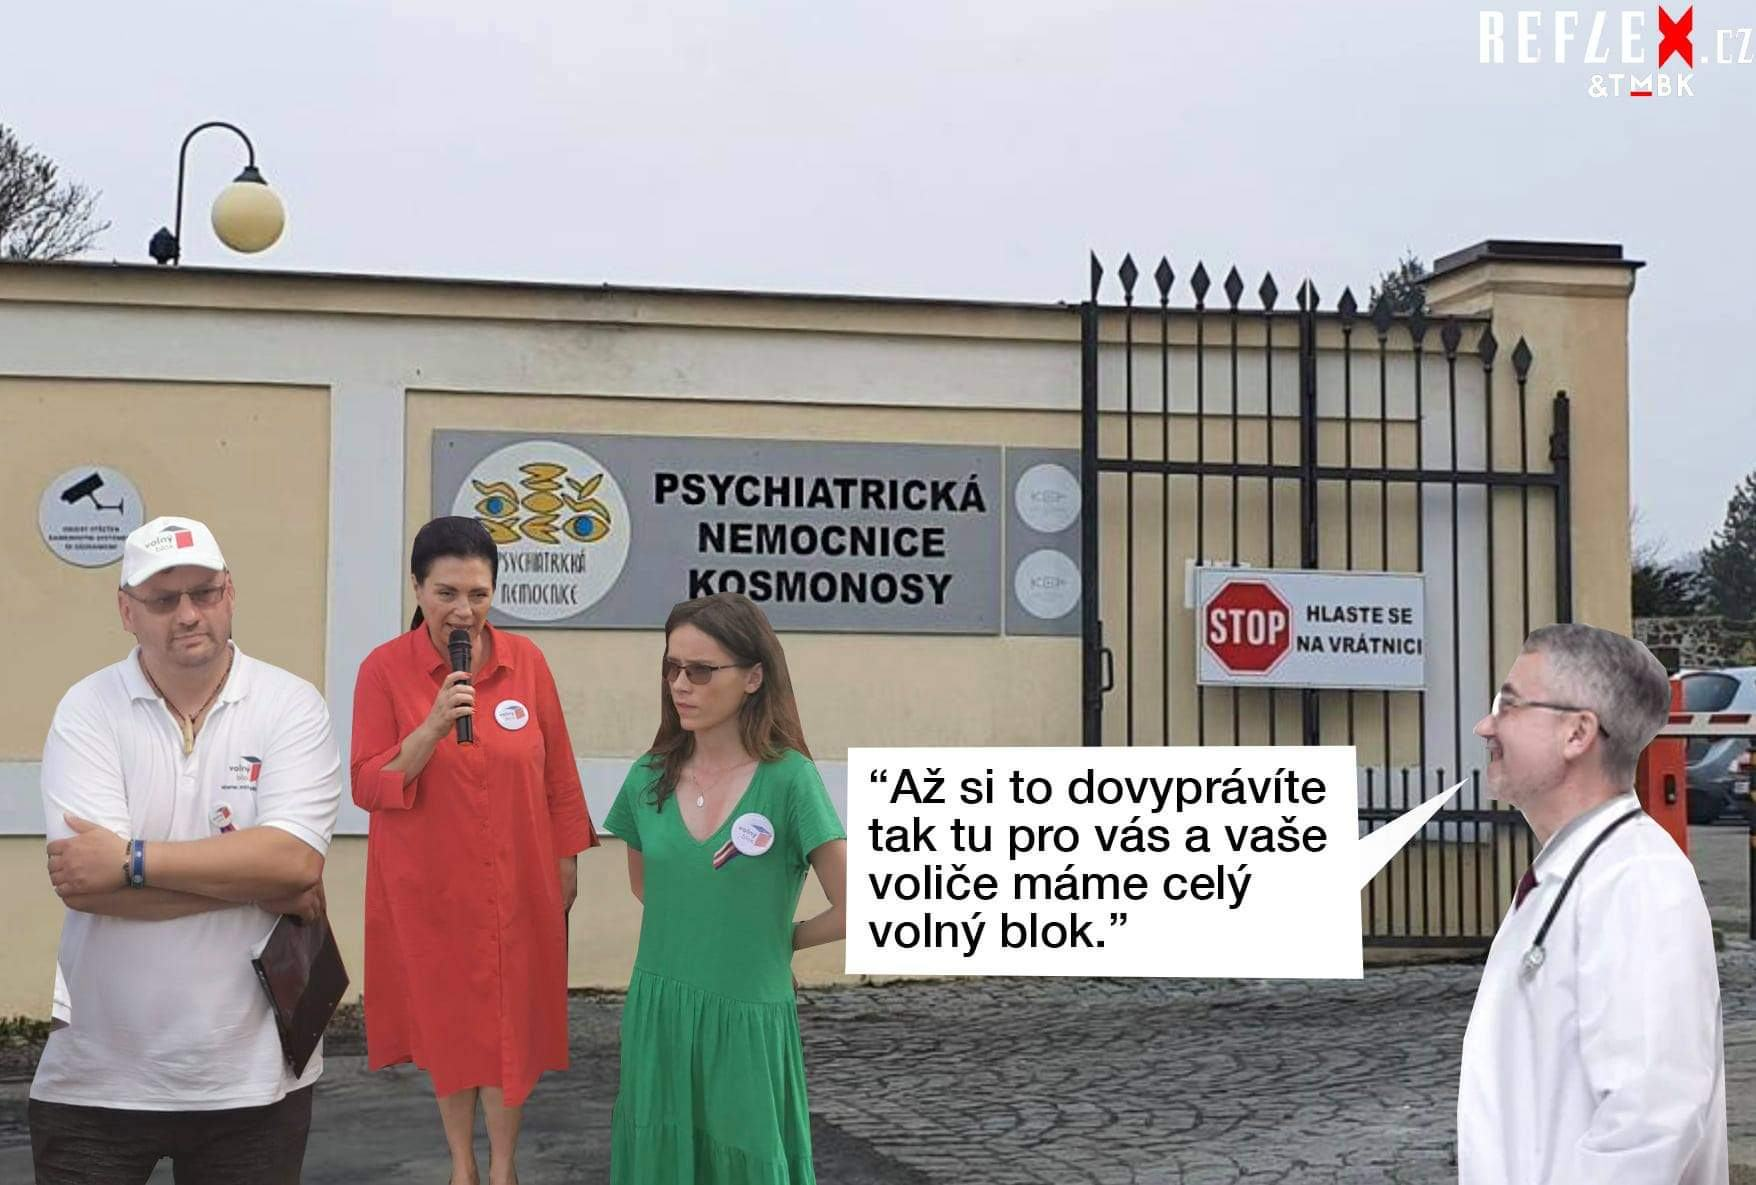 Obrázek Volnyblokprovsechny